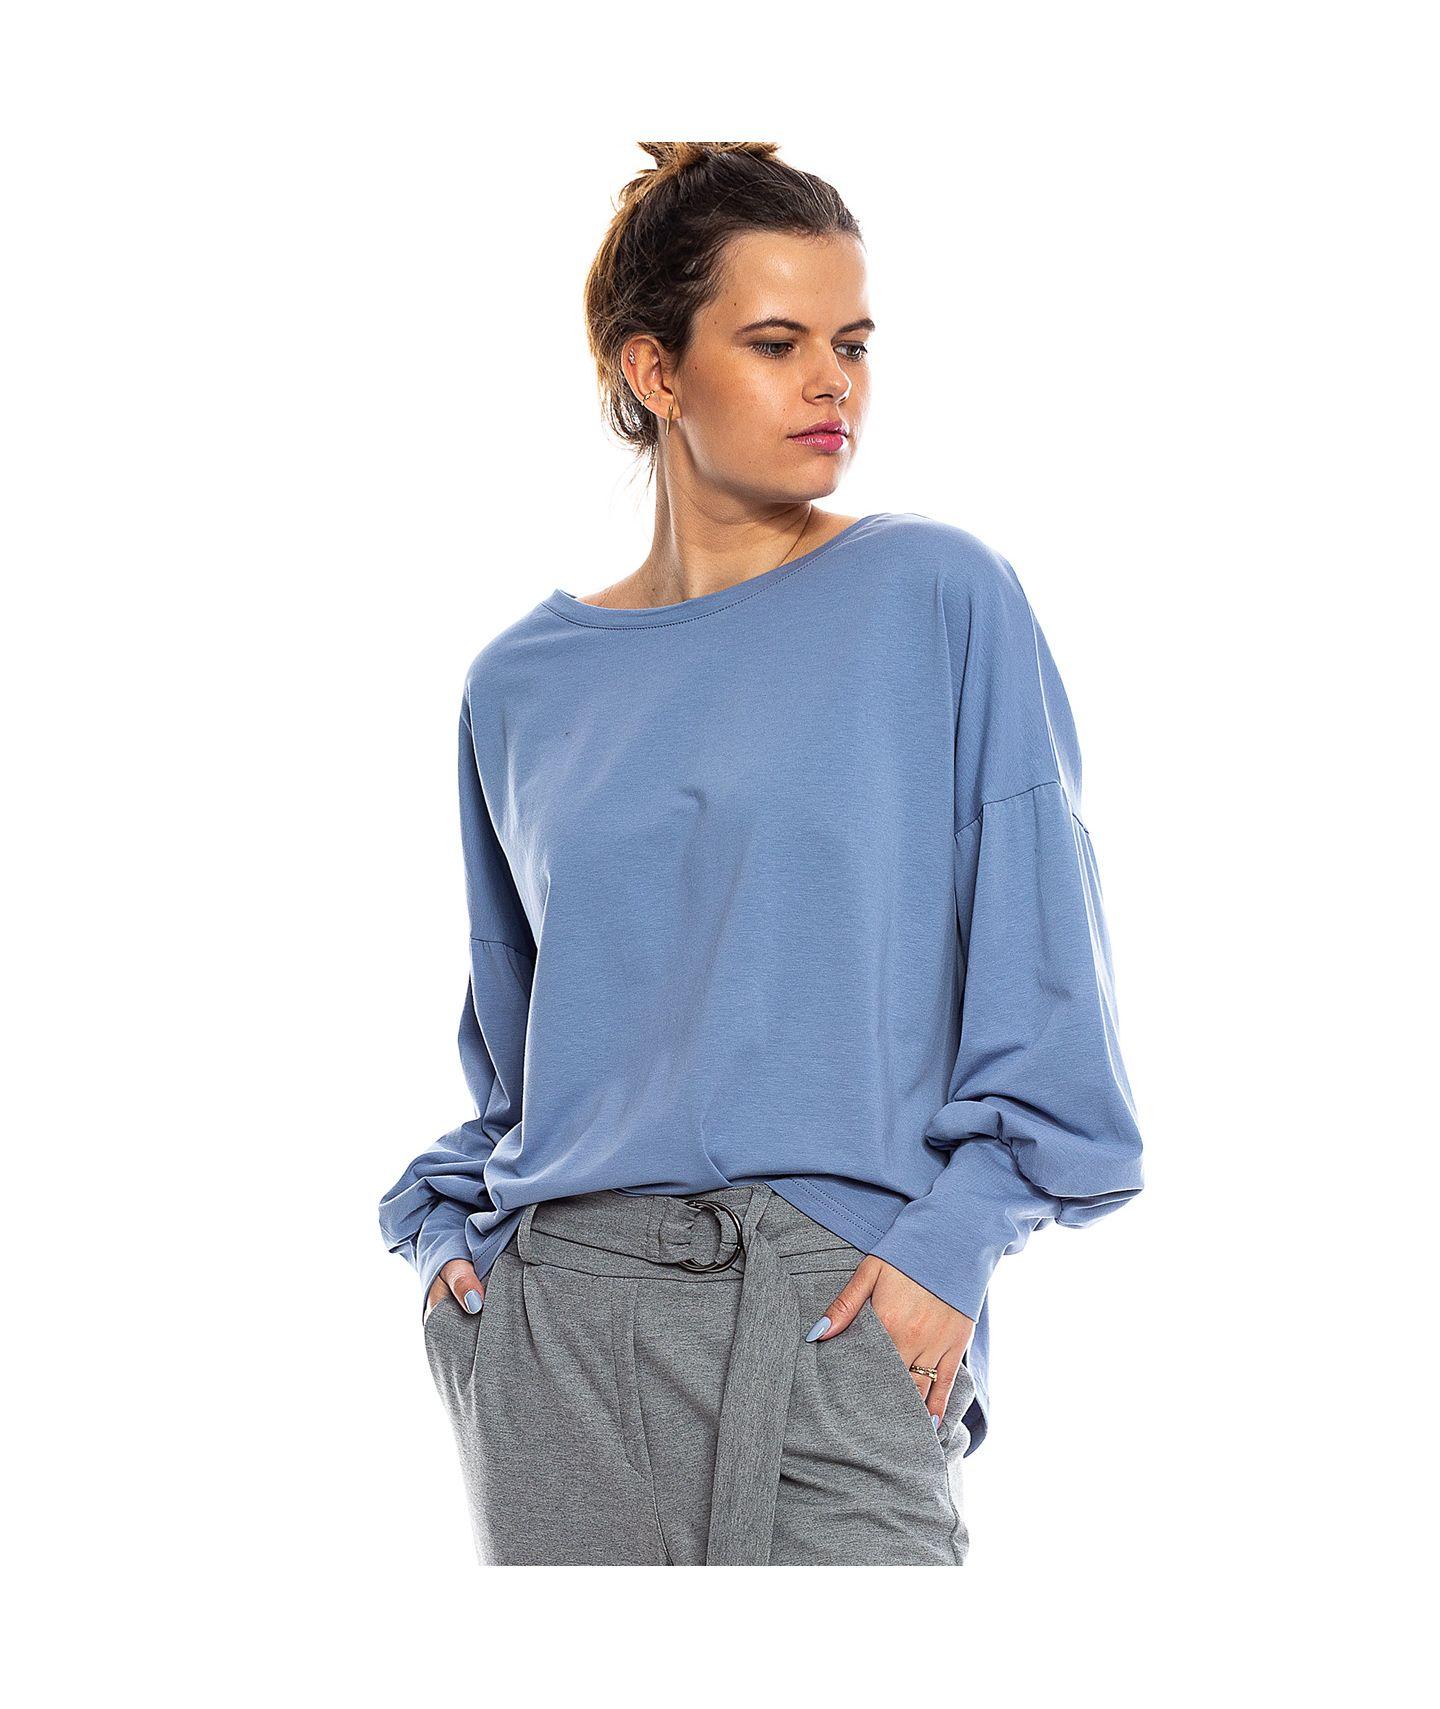 bluzka COCO pudrowy niebieski